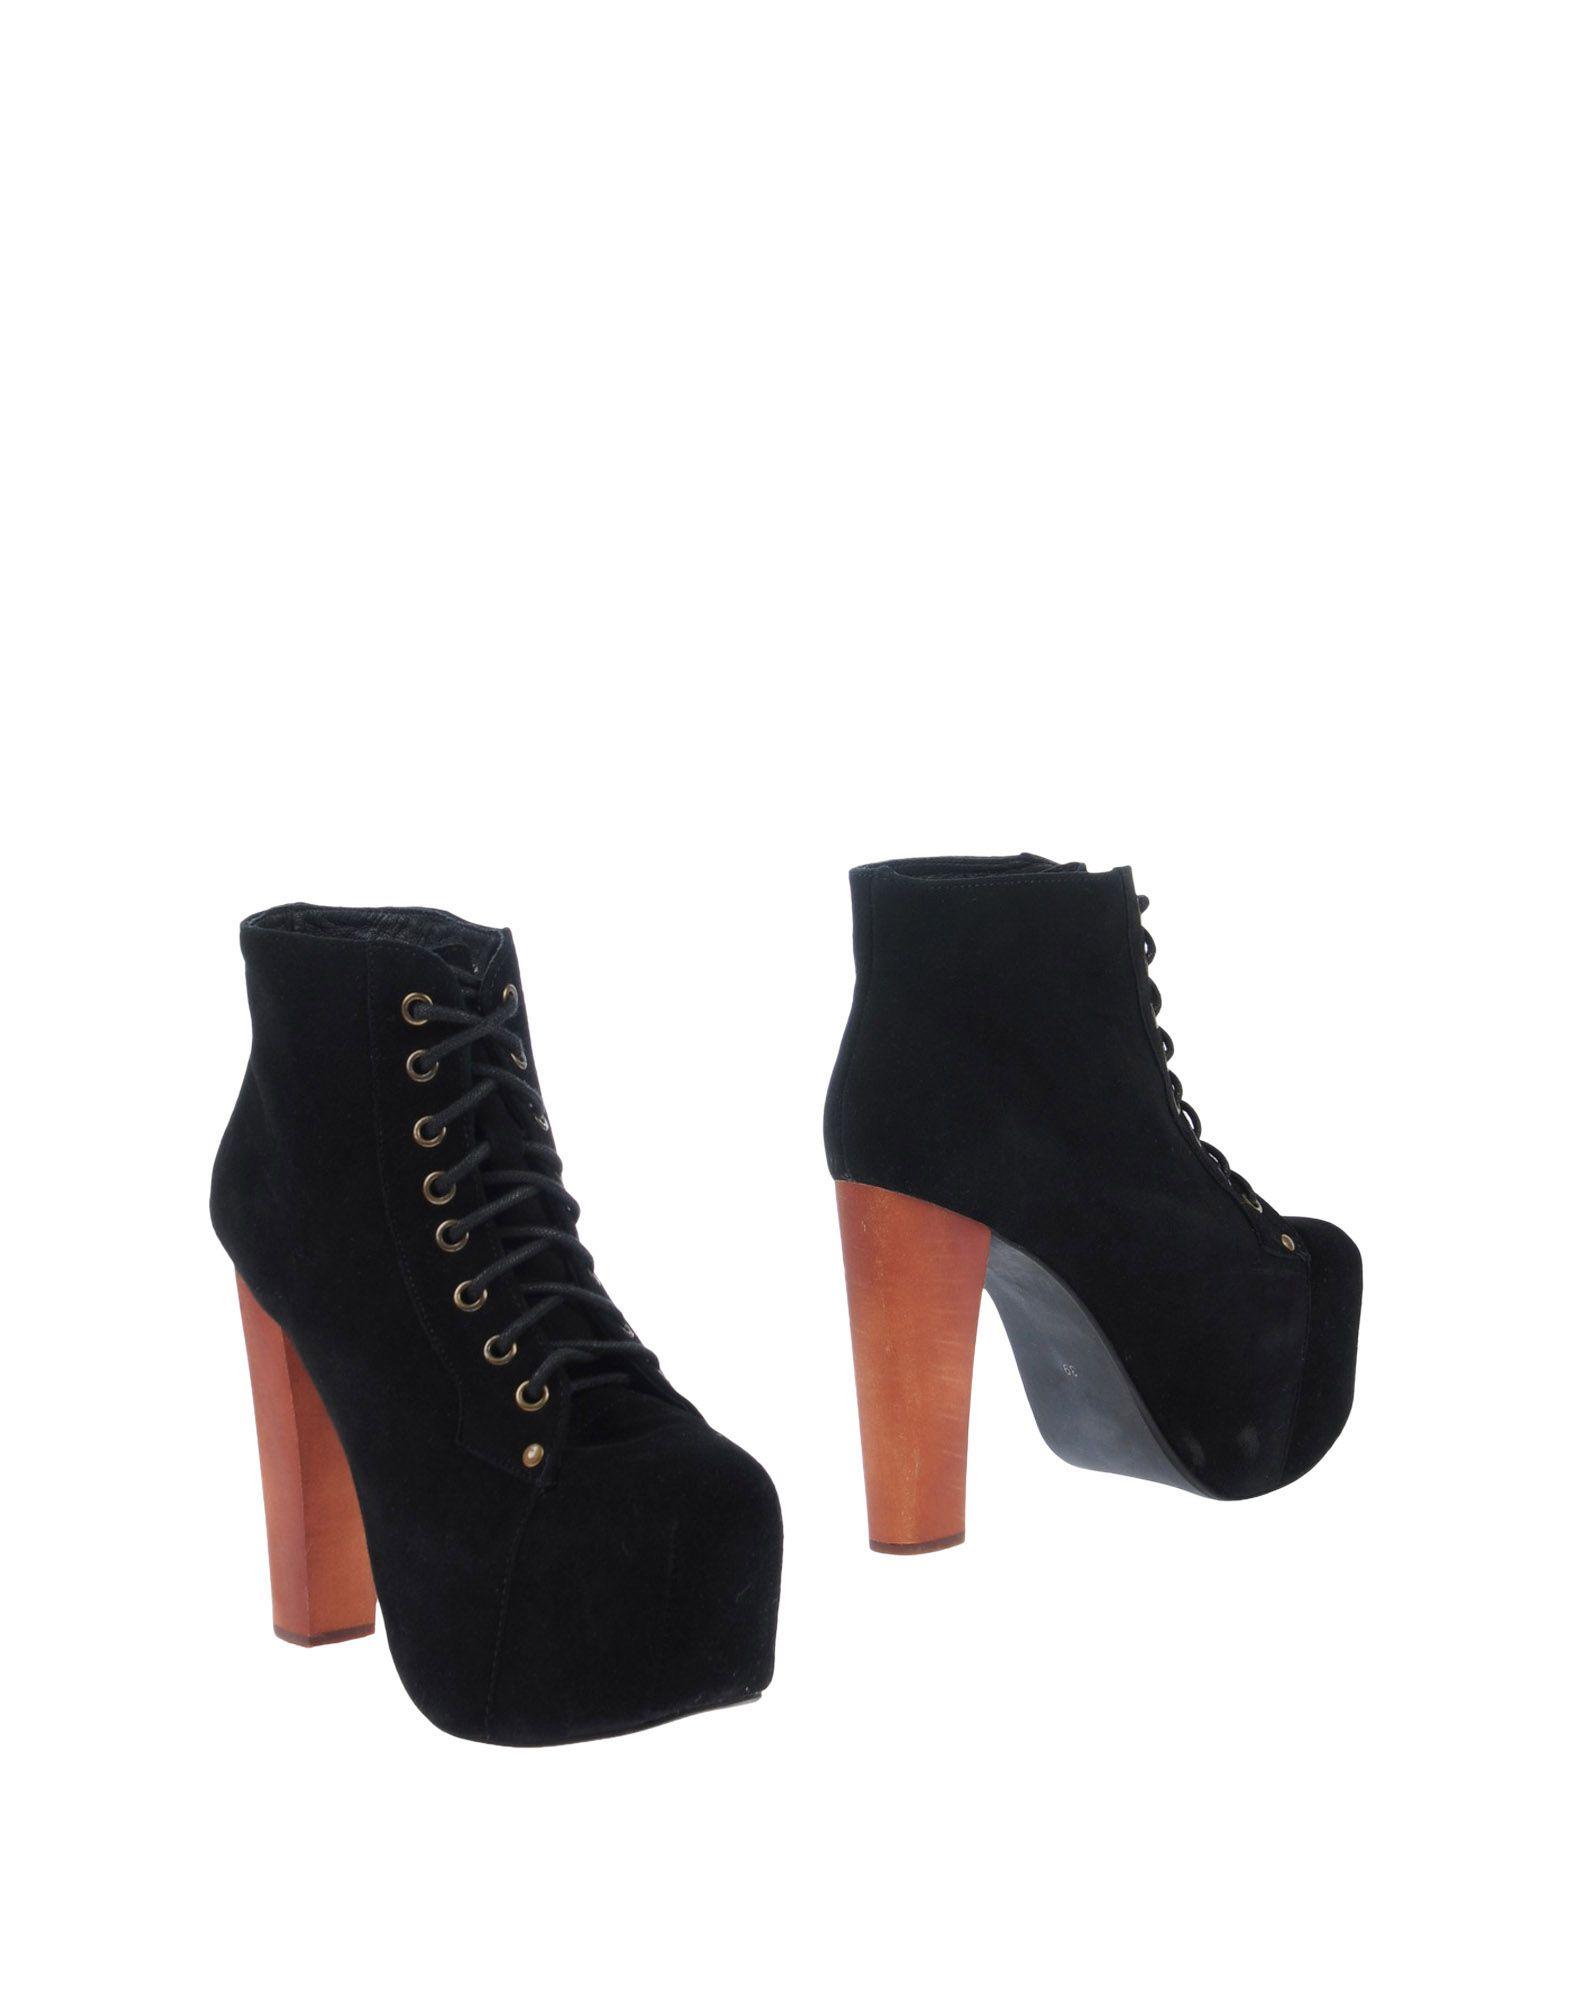 Jeffrey Campbell  Stiefelette Damen  Campbell 11252495JG Gute Qualität beliebte Schuhe 67c9c8